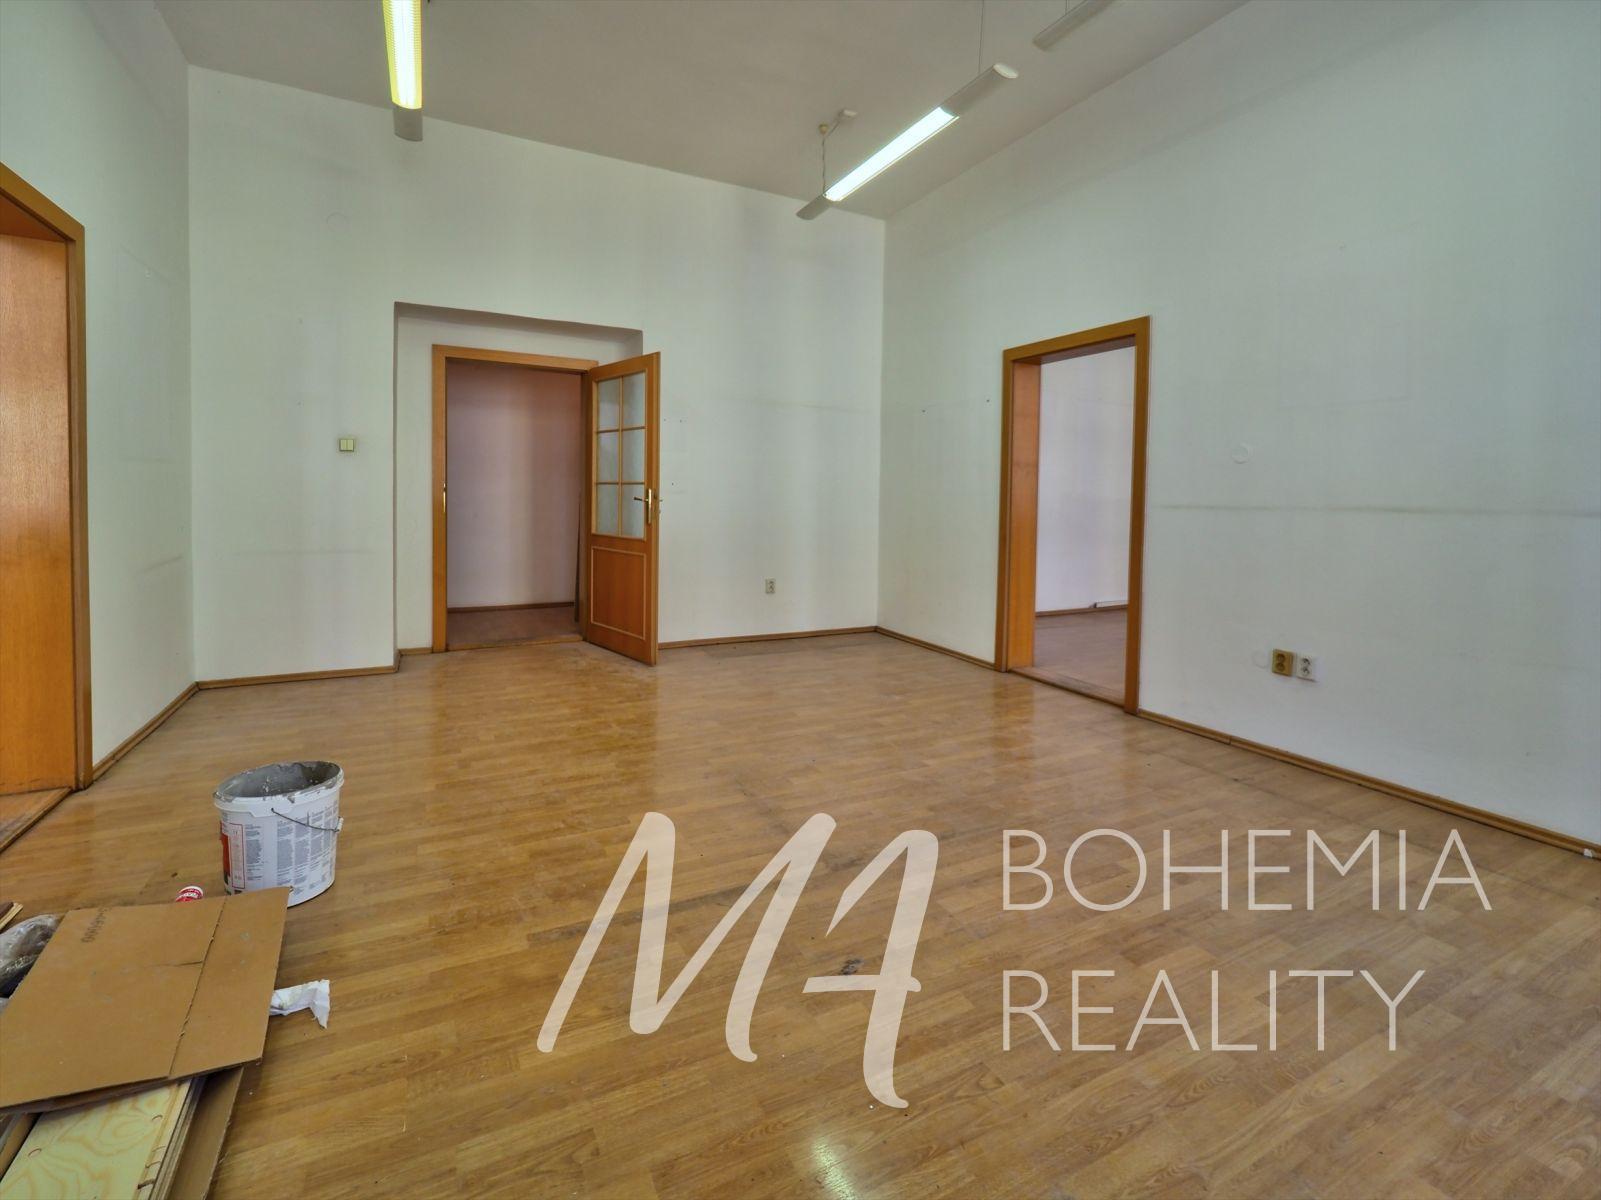 Prodej bytu 4+1, Vinohrady, ul. Velehradská.